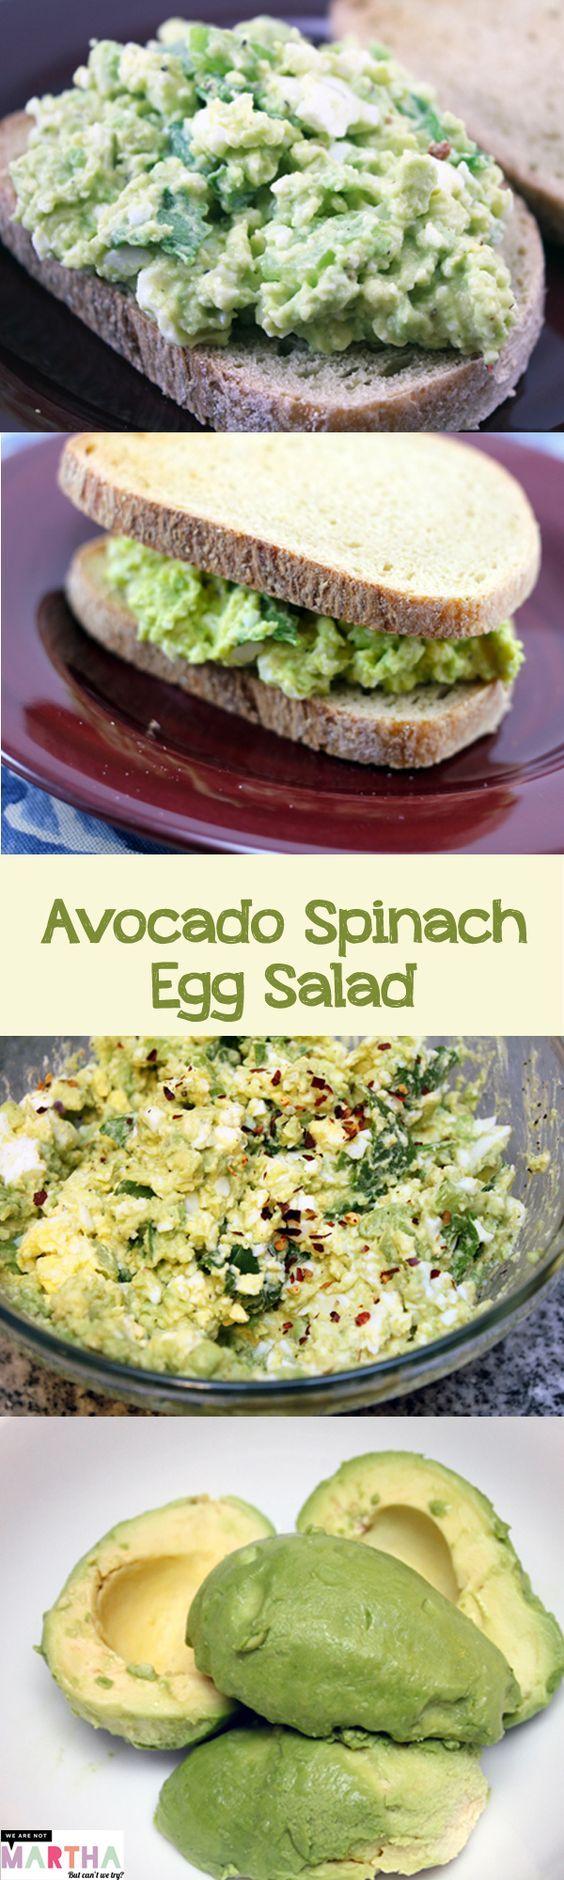 Avocado Spinach Egg Salad -- A healthier (and more delicious!) egg salad   wearenotmartha.com